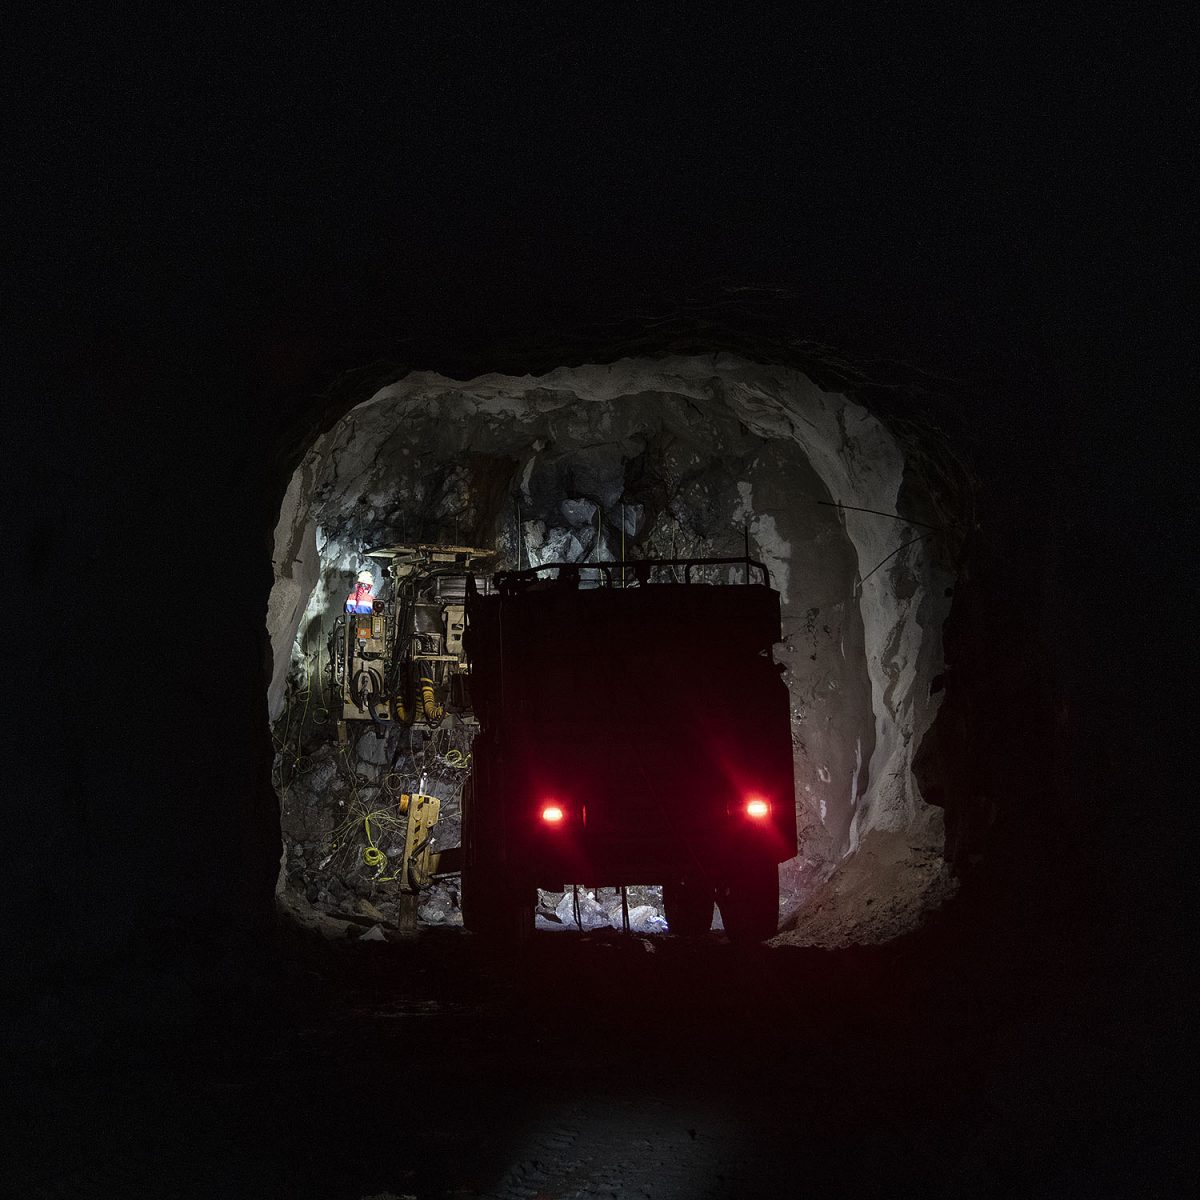 """REPORTAASI: Pyhäsalmen kaivoksen pitkät jäähyväiset – """"Varmaan moni miettii, mitä rupeaisi tekemään, kun on ikänsä ollut täällä"""""""